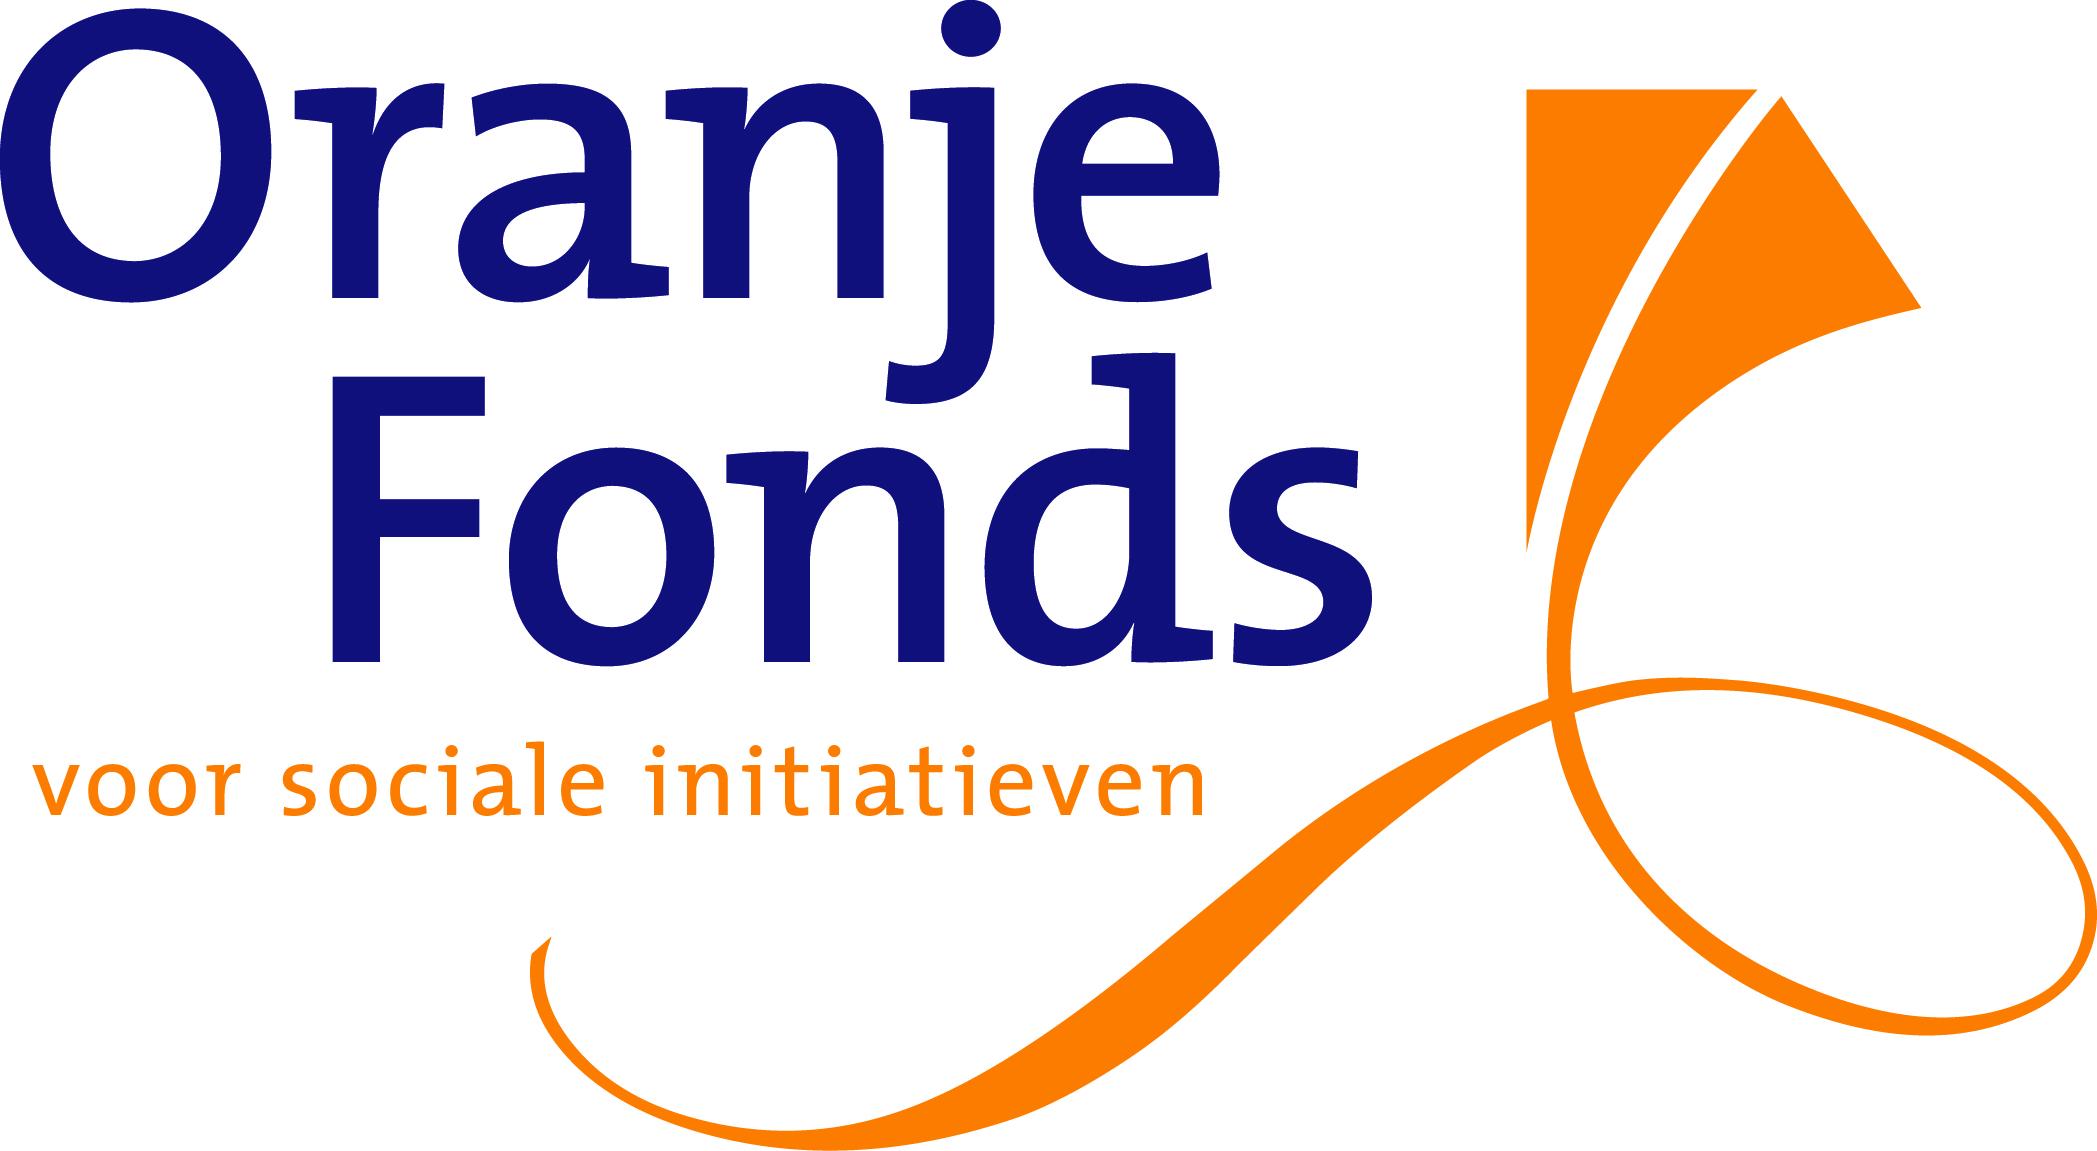 Afbeeldingsresultaat voor oranje fonds logo